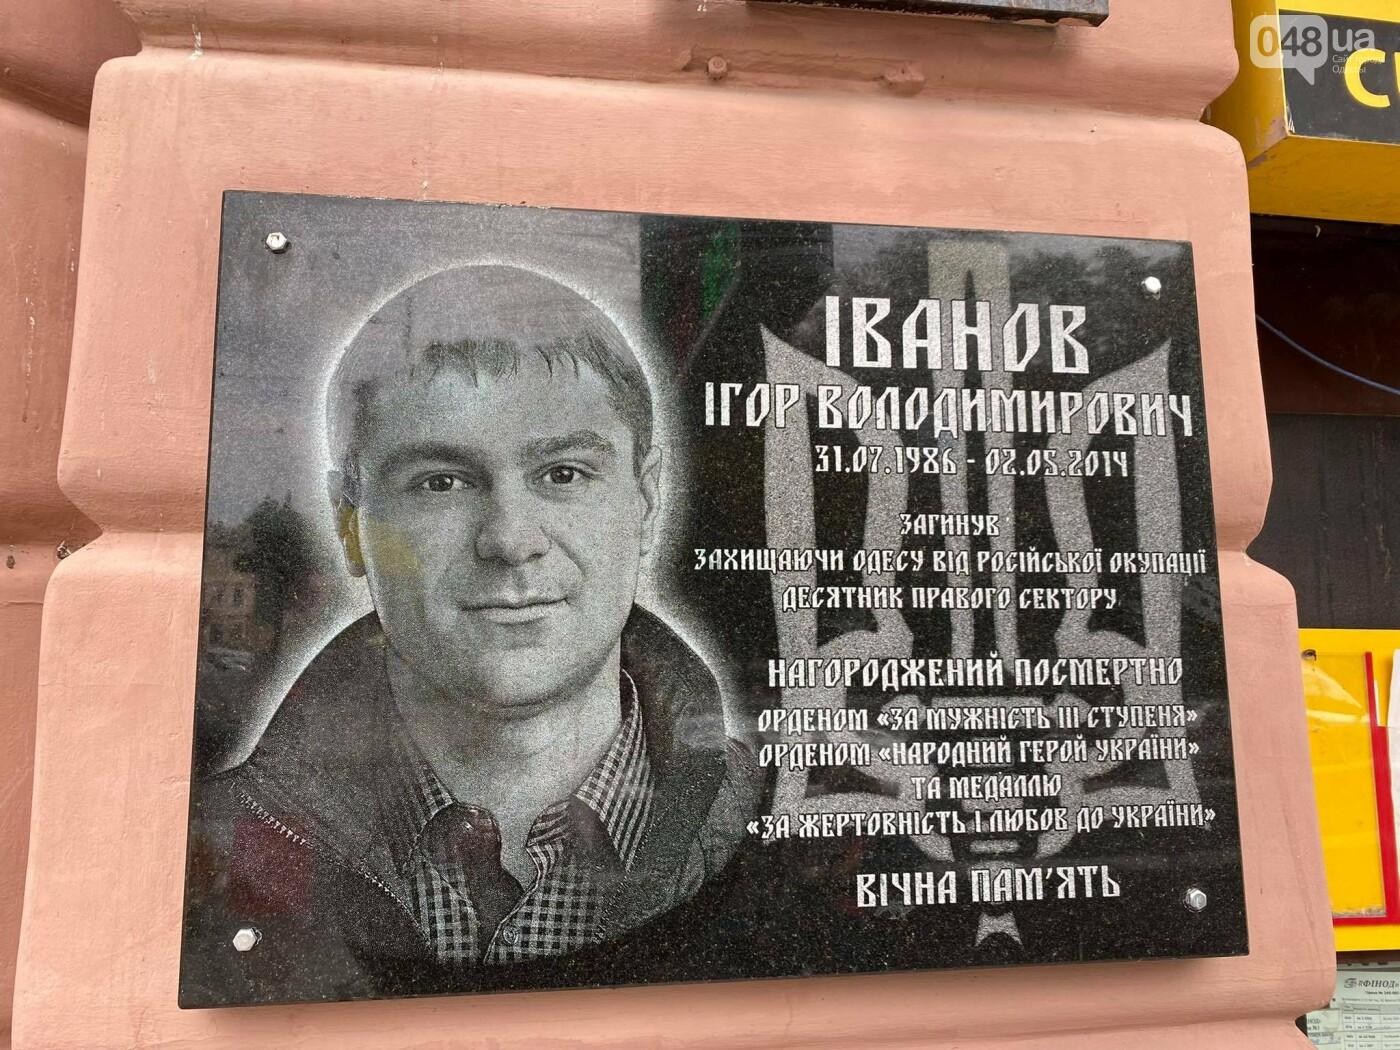 Неизвестные сепаратисты облили зеленкой мемориальную доску Игорю Иванову, погибшему 2 мая 2014 года,- ФОТО  , фото-2